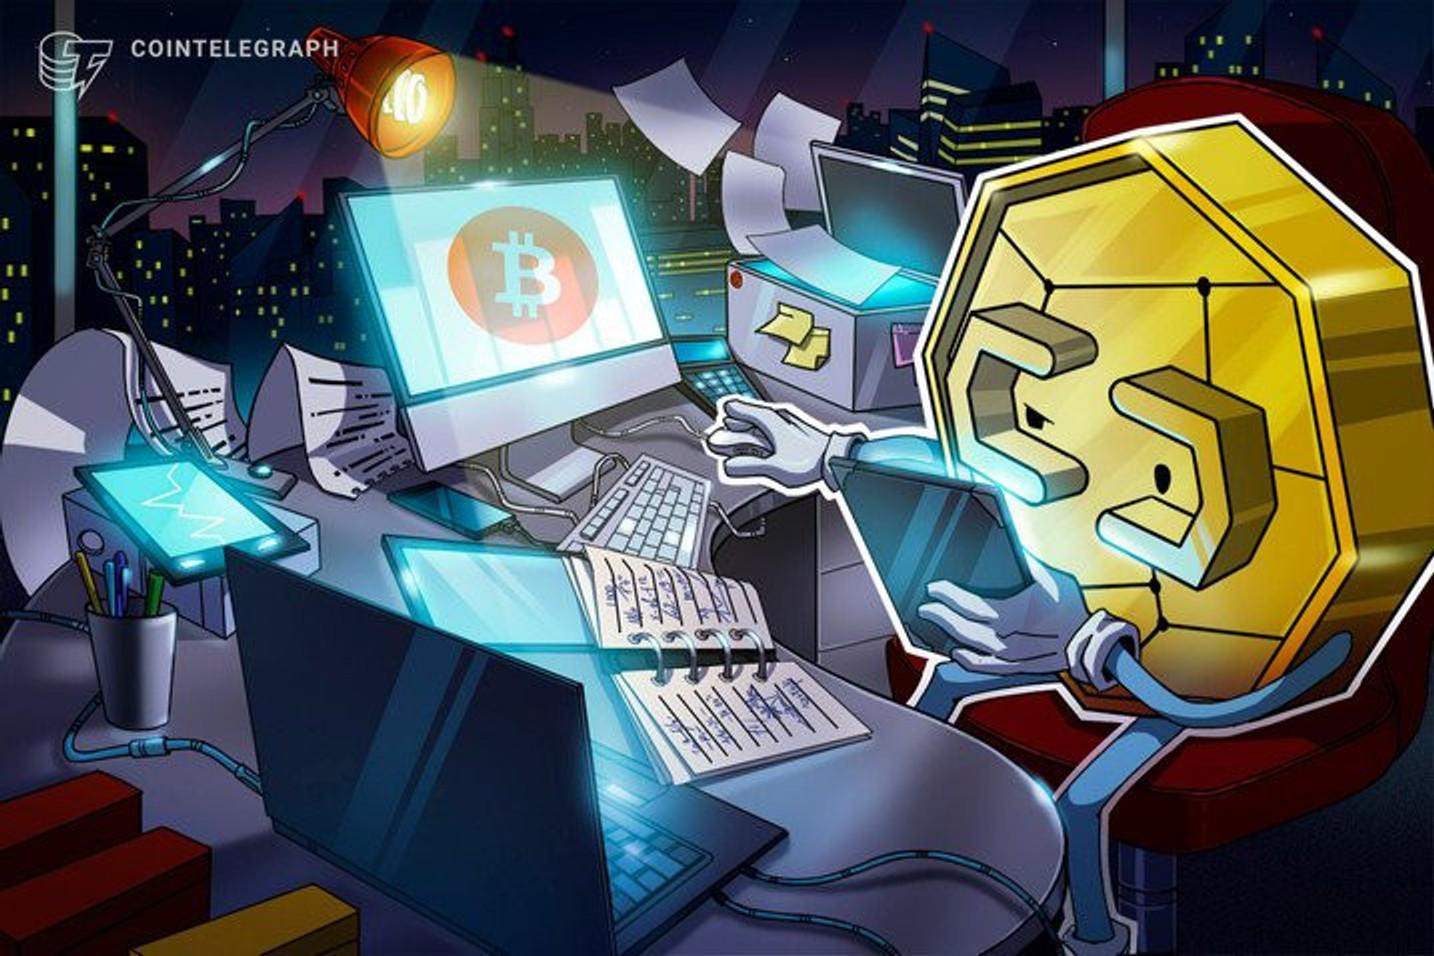 Bitcoin Rain: Mercado Bitcoin não teria sido hackeado em 2013 e relatório aponta Leandro César como 'culpado' por BTC perdidos